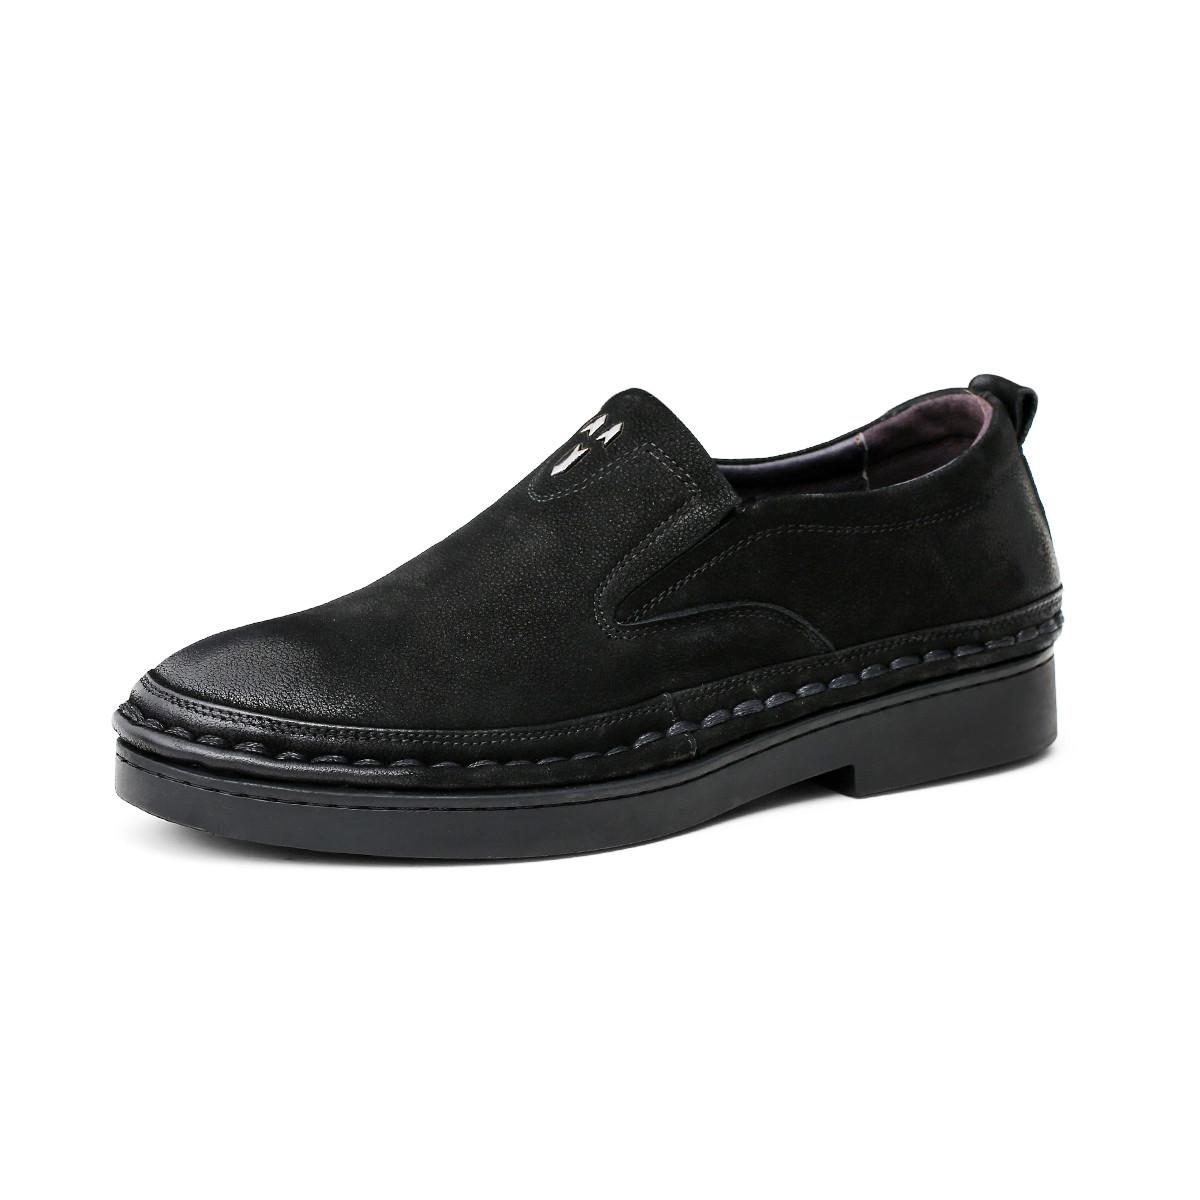 波尔谛奇新款真皮男鞋英伦软底舒适套脚乐福鞋司机鞋男士商务皮鞋德比鞋K8X81117-3-H1